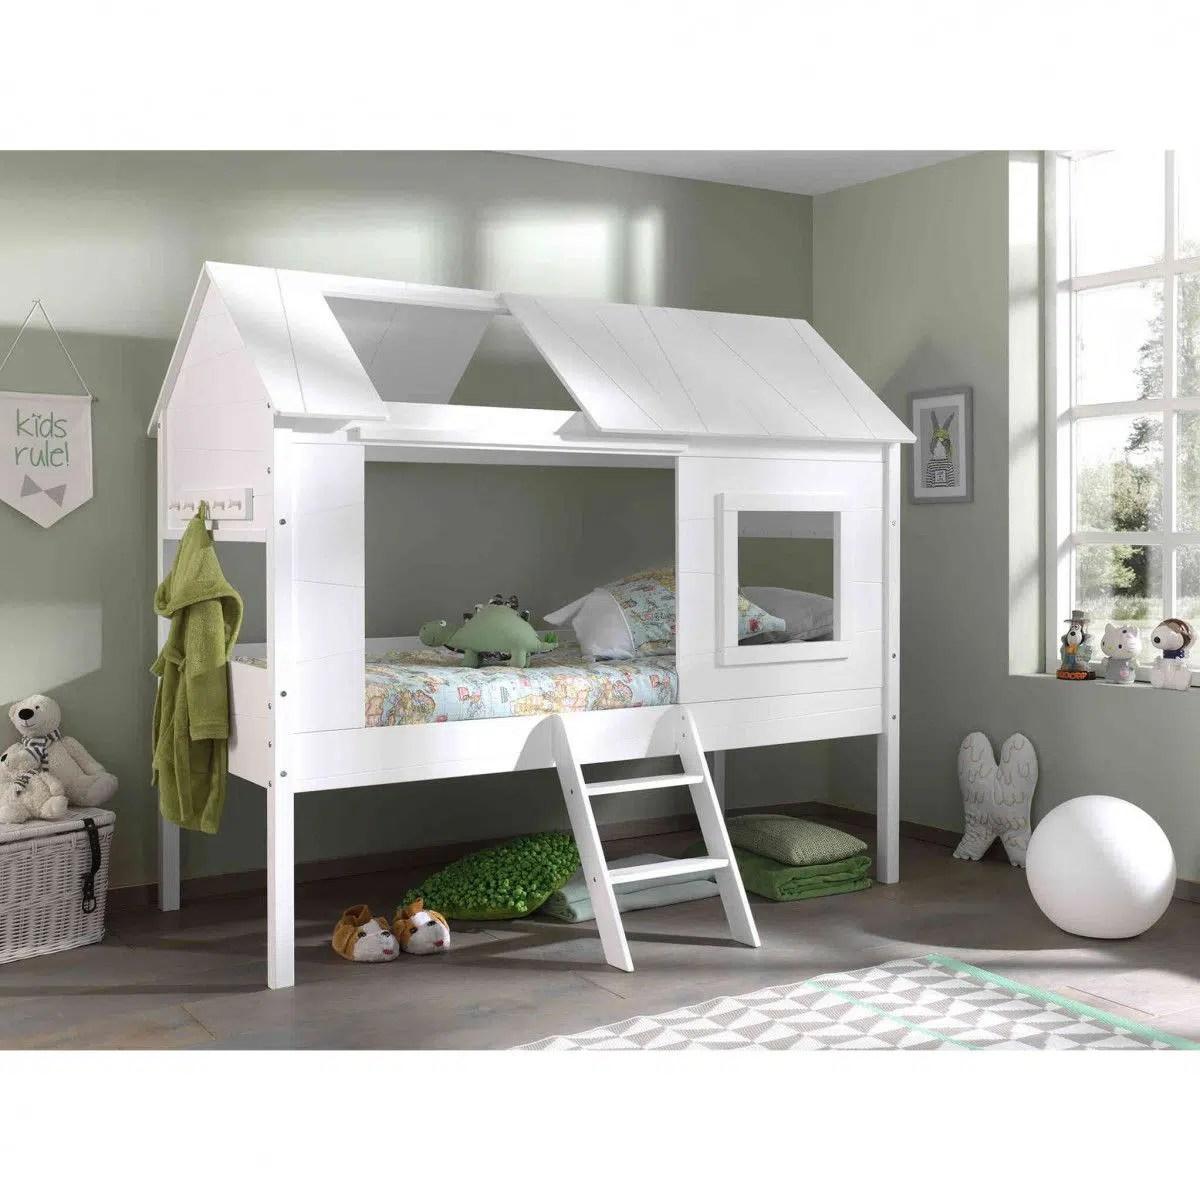 lit cabane pour chambre d enfant idee